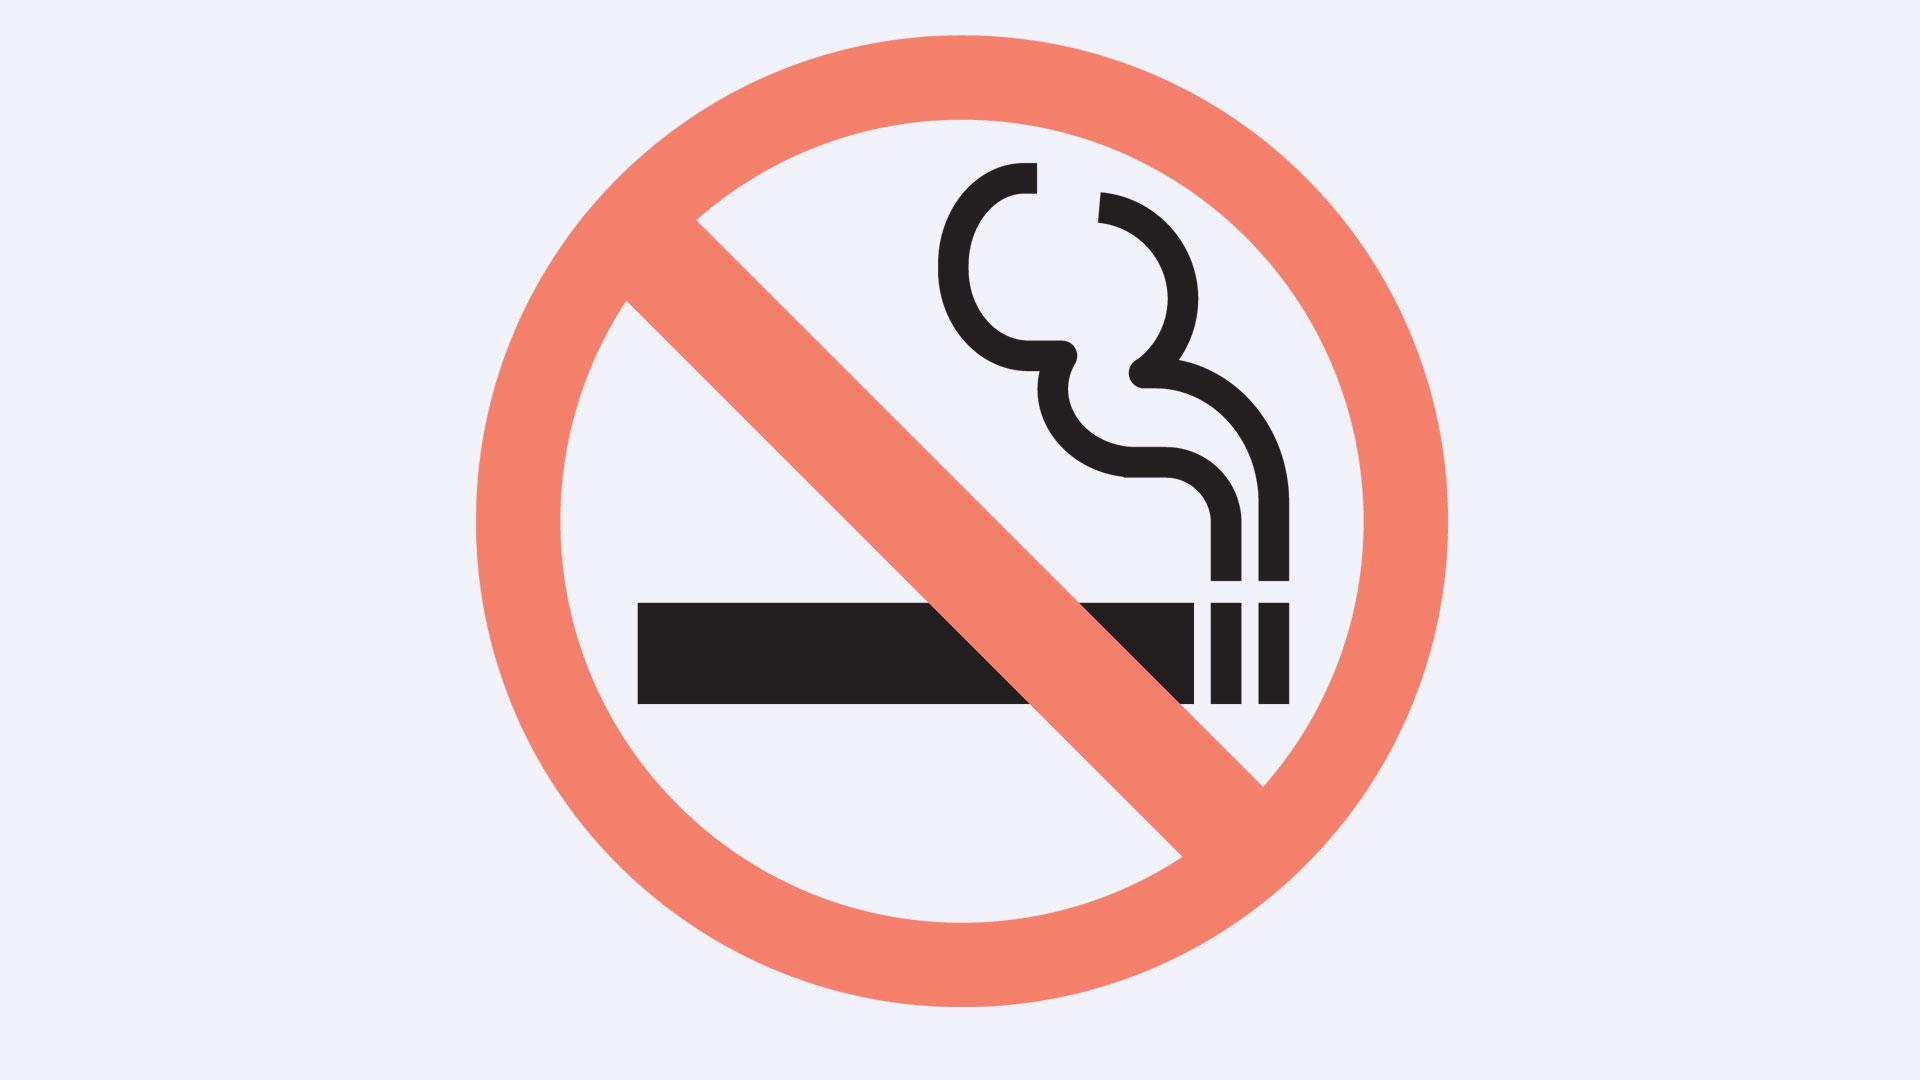 Στο κυνήγι των καπνιστών ΕΑΔ και ΕΛΑΣ